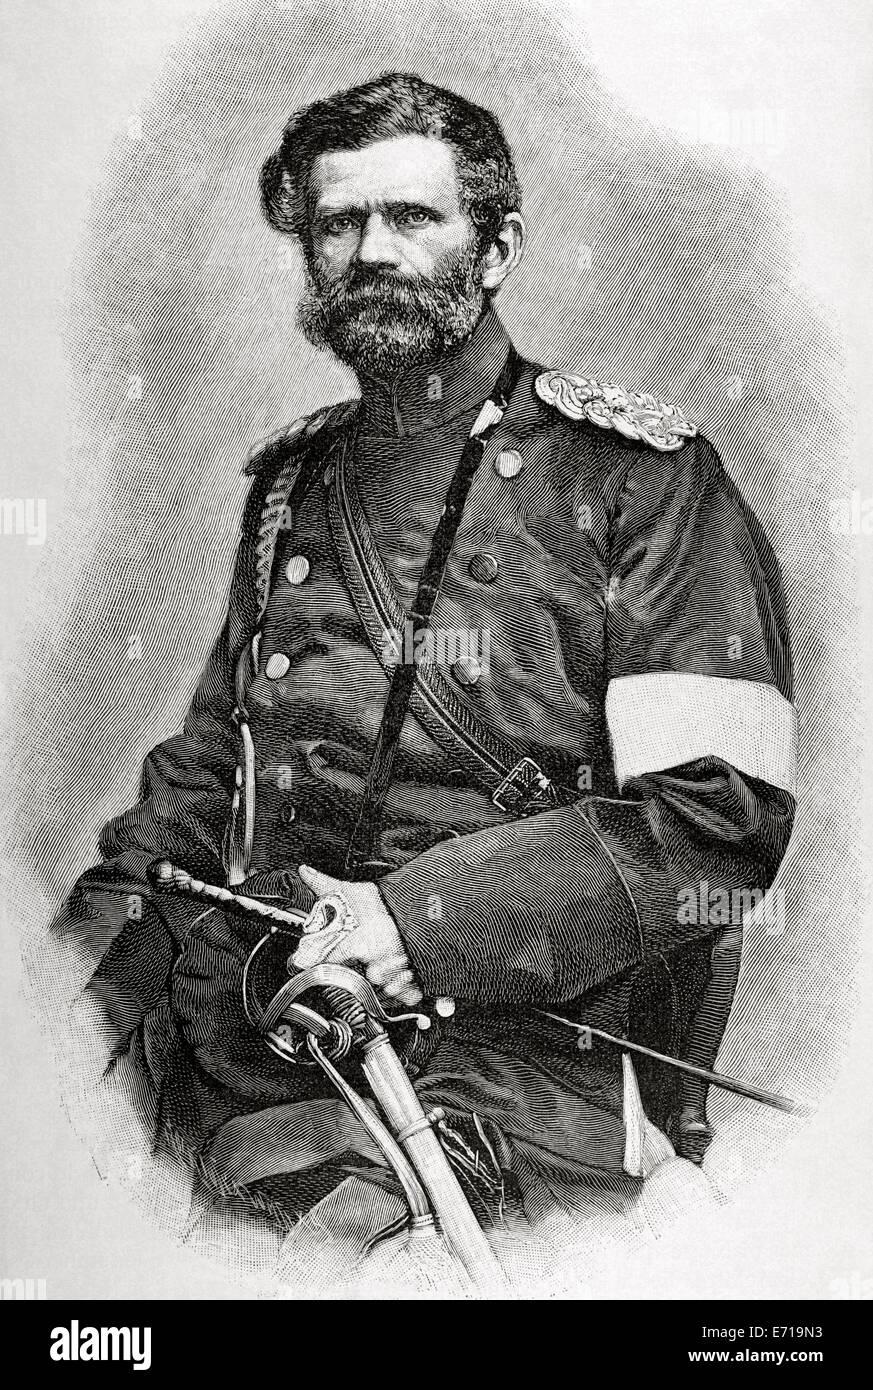 Edwin Freiherr von Manteuffel (1809-1885). German Generalfeldmarschall. Engraving by G. Klose. Historia Universal, - Stock Image